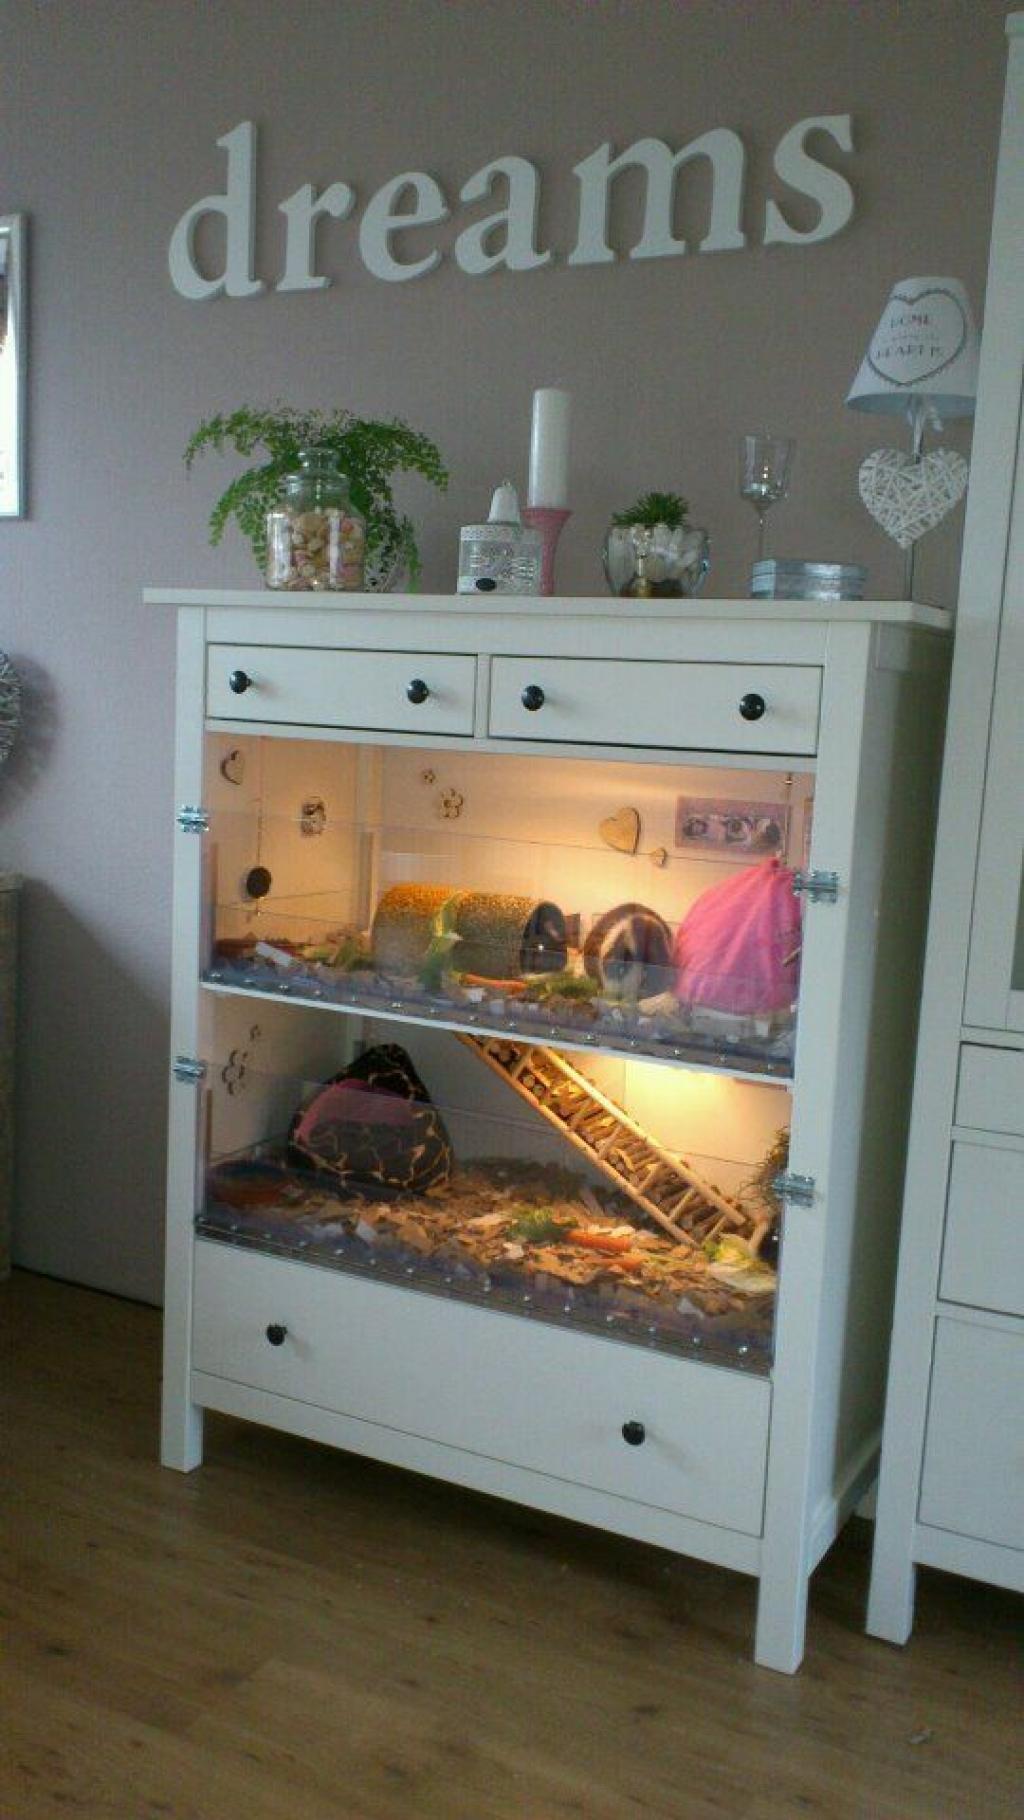 comment transformer de vieux meubles en cages pour vos rongeurs. Black Bedroom Furniture Sets. Home Design Ideas